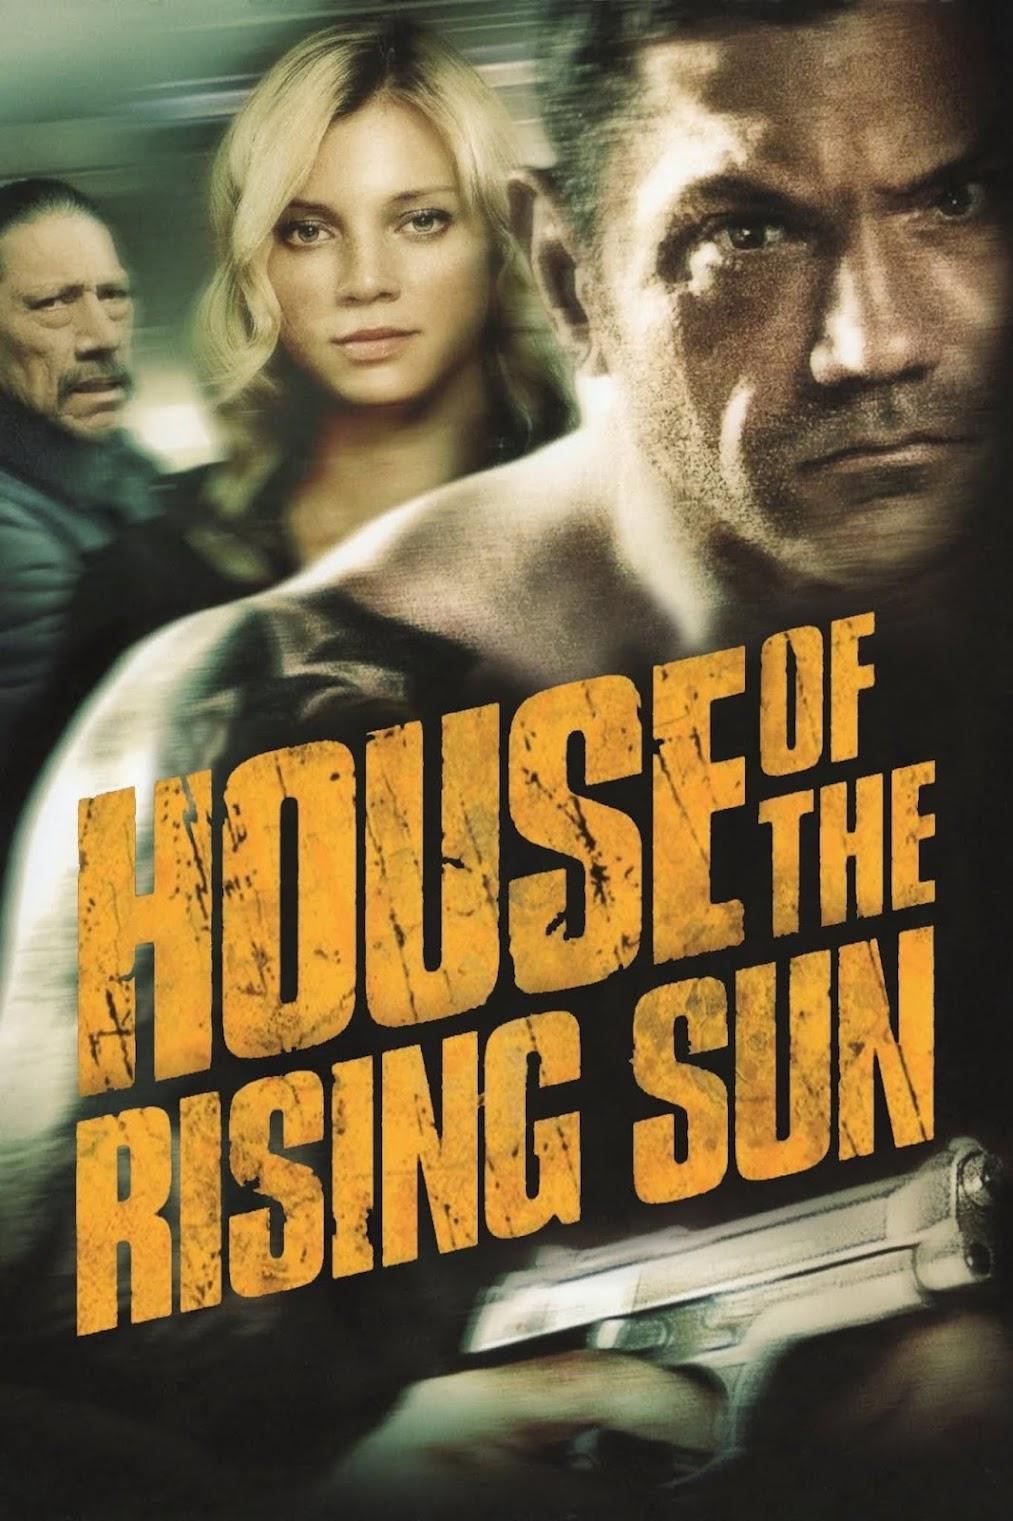 House of the rising sun - Azione